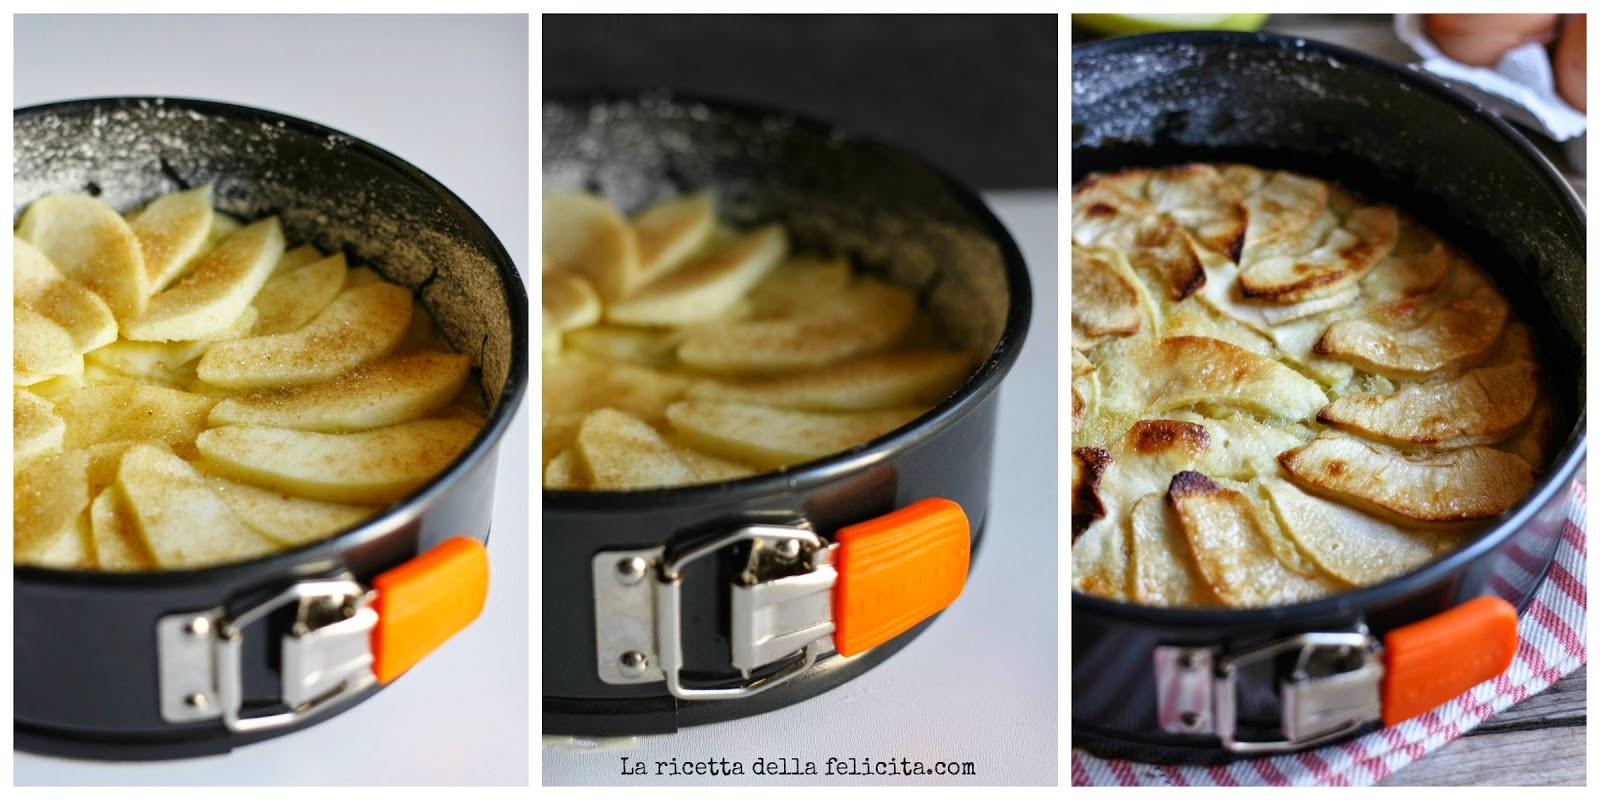 La ricetta della felicità: Torta di mele cremosa anche senza glutine